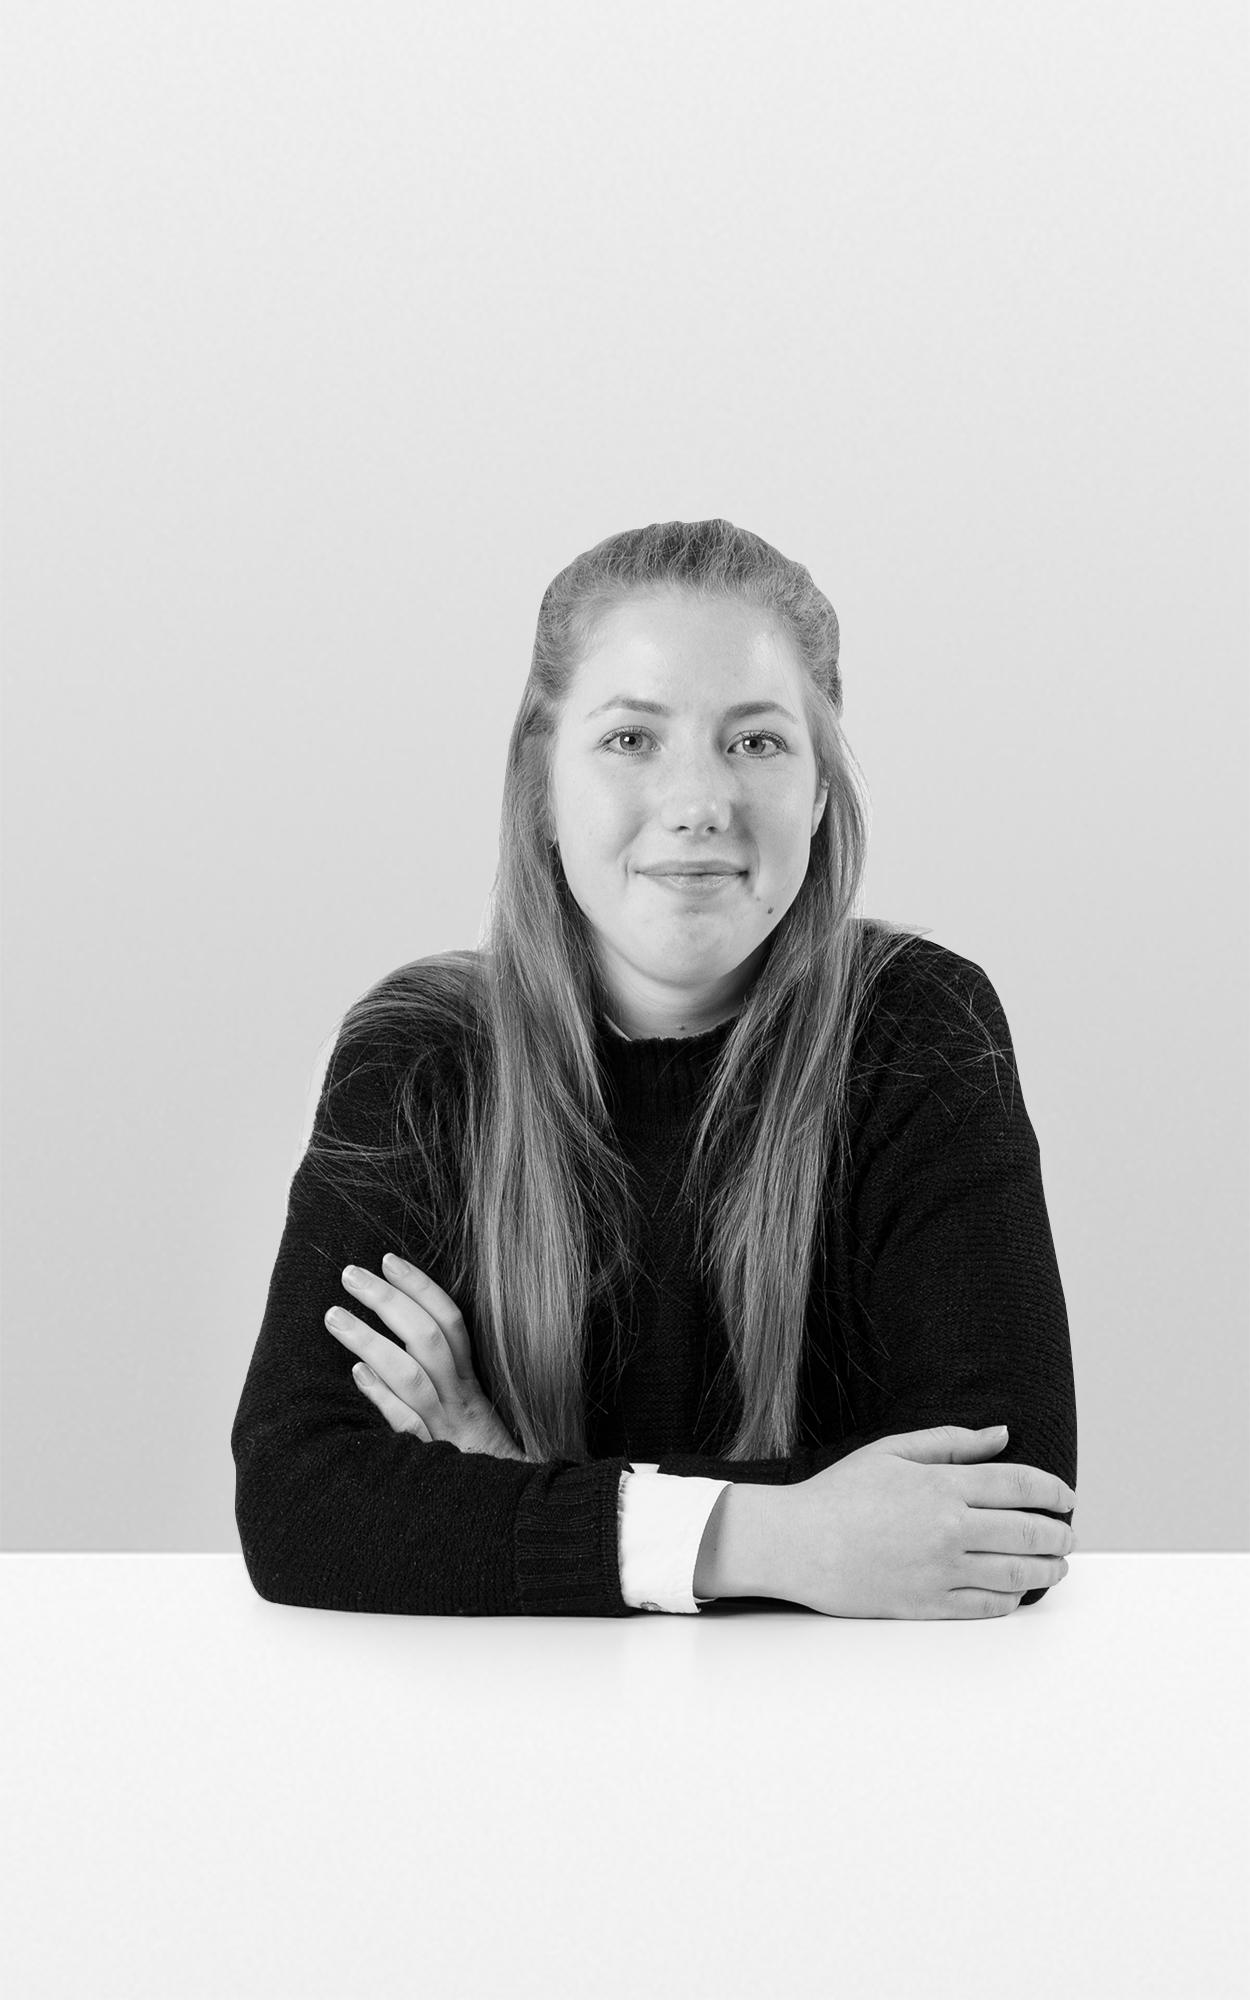 Victoria Scherbarth